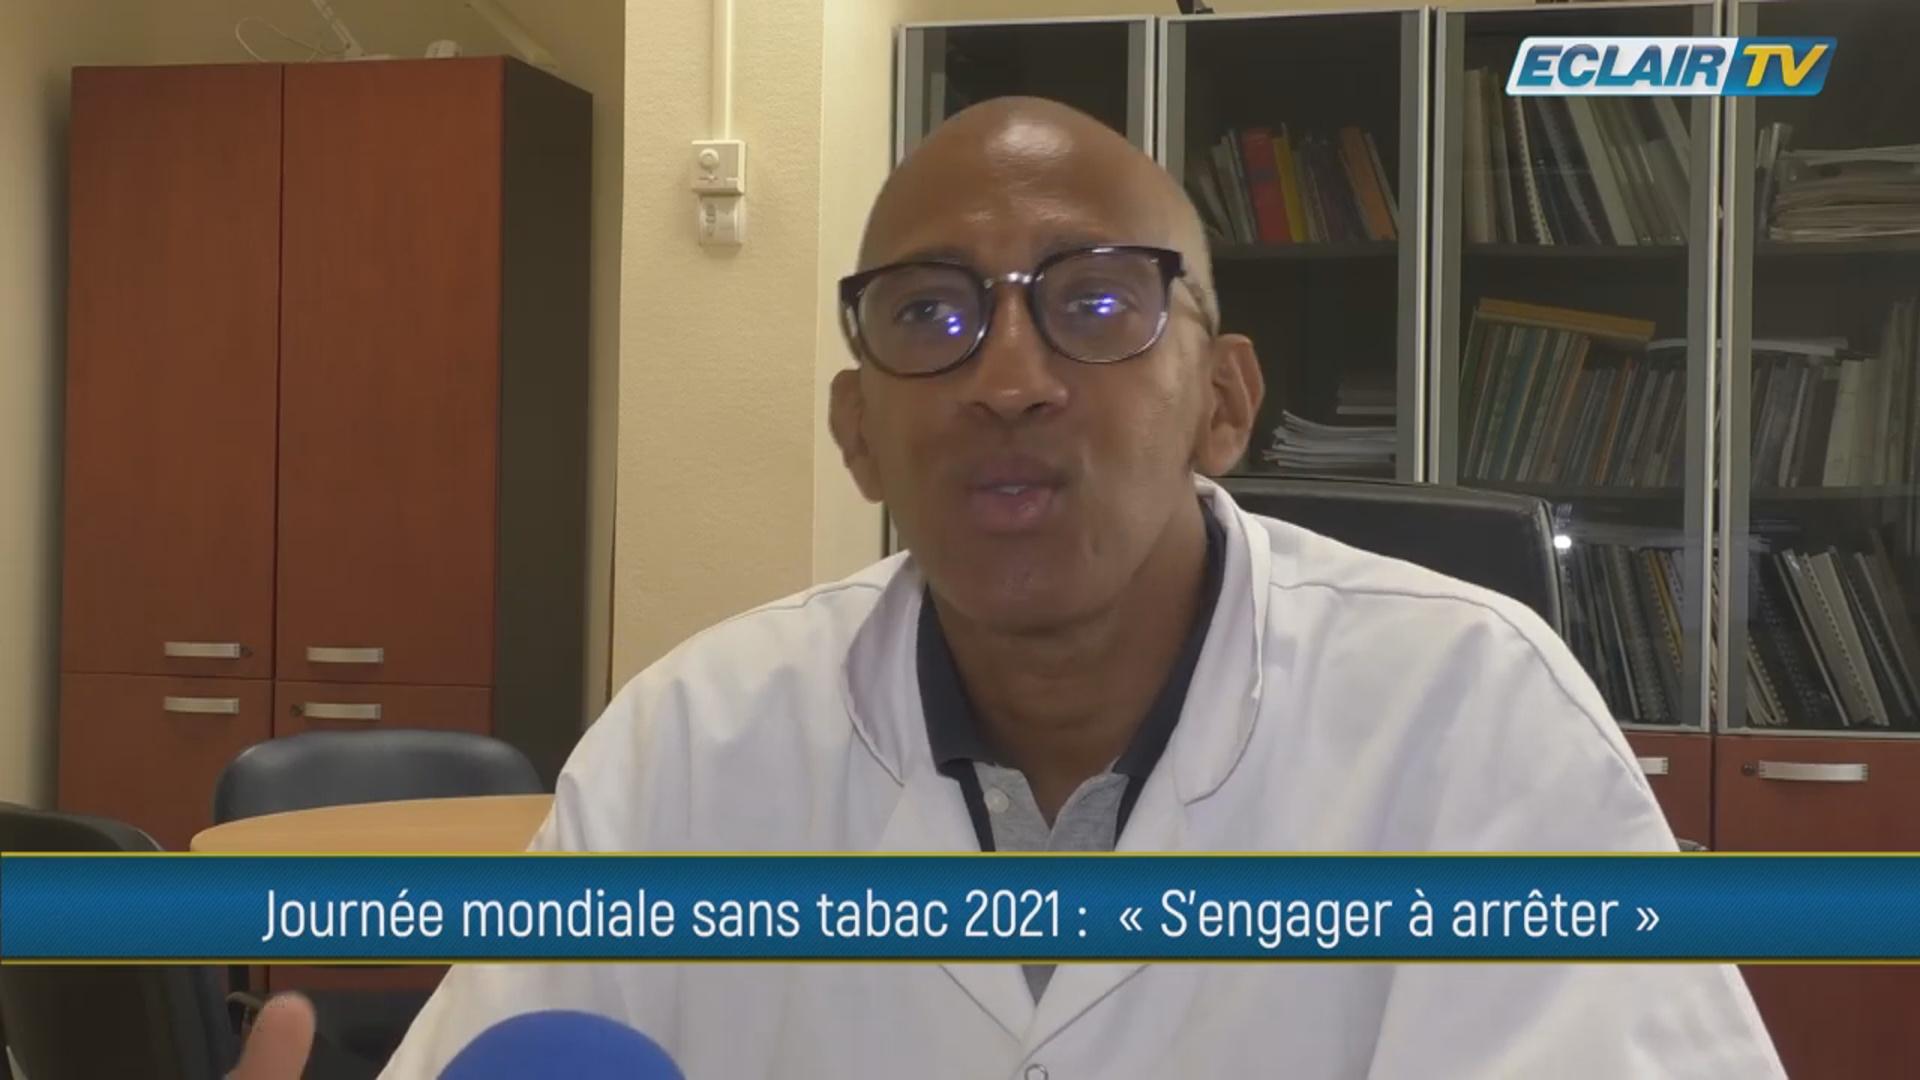 [Vidéo] Onews Guadeloupe.  Journée mondiale 2021 sans tabac. (Eclair TV)